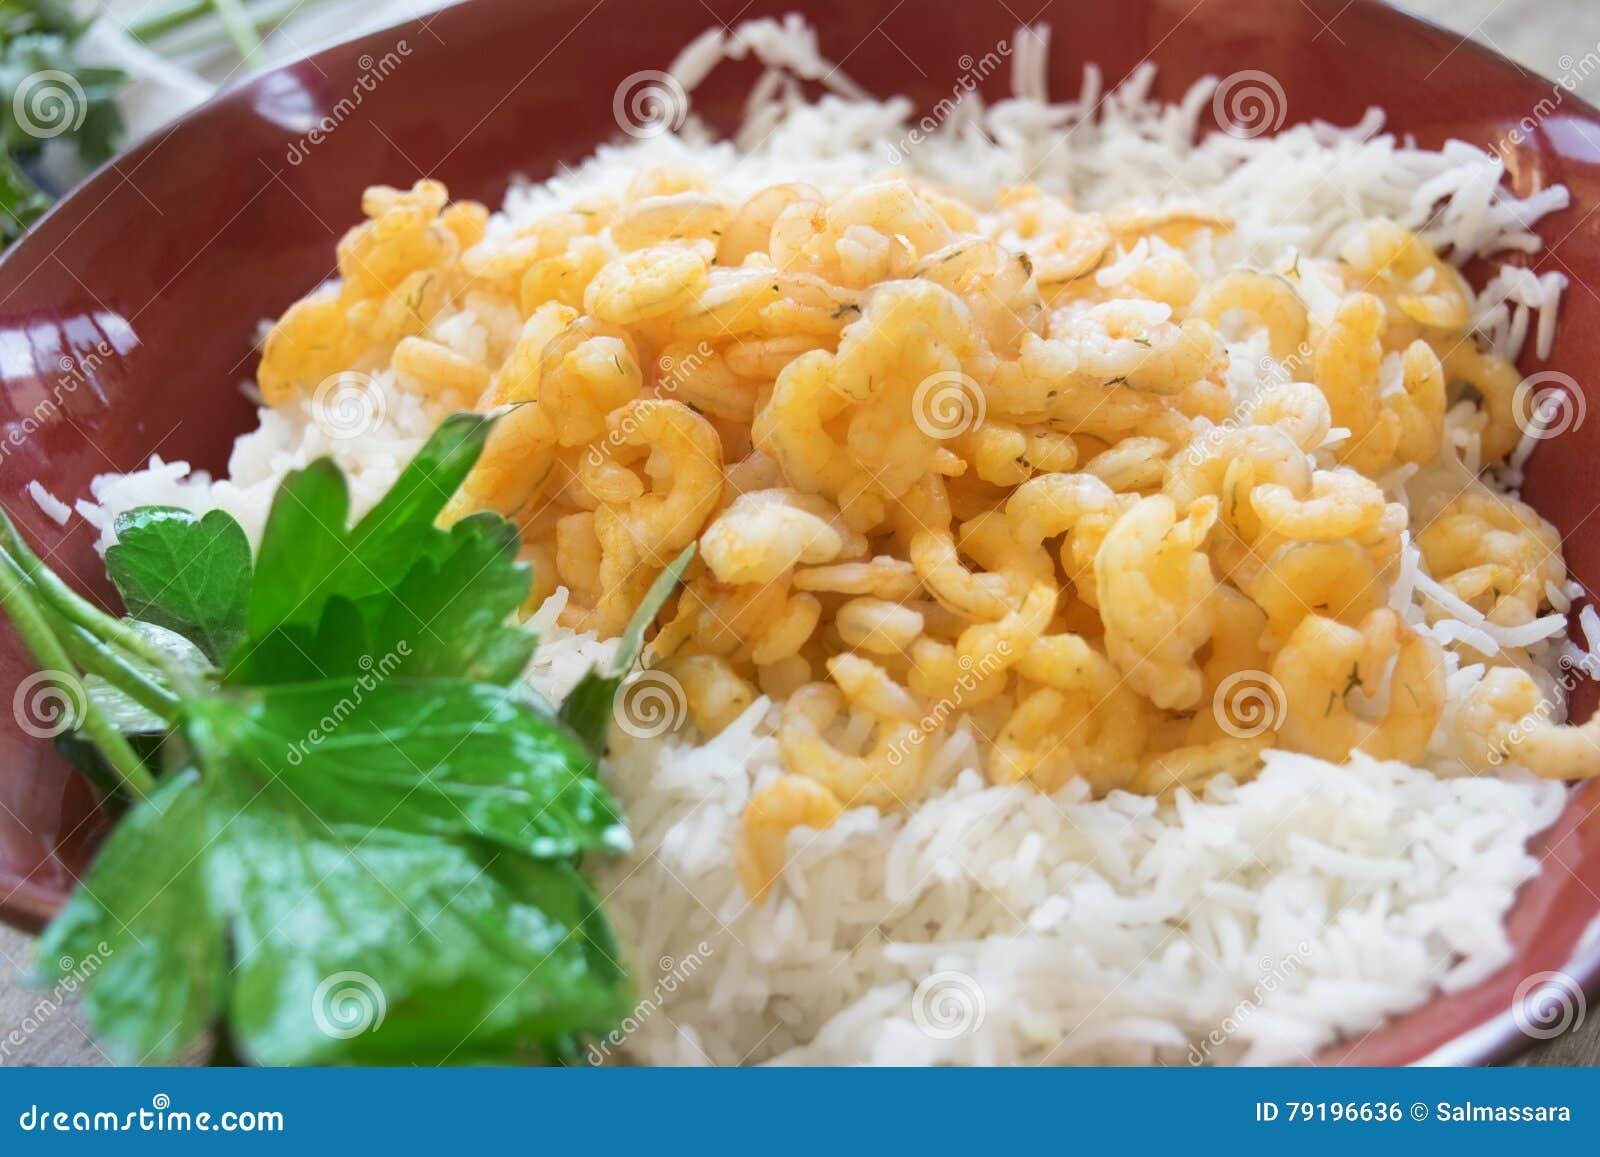 курицу, креветки, салат с креветками и рисом басмати картинки ним